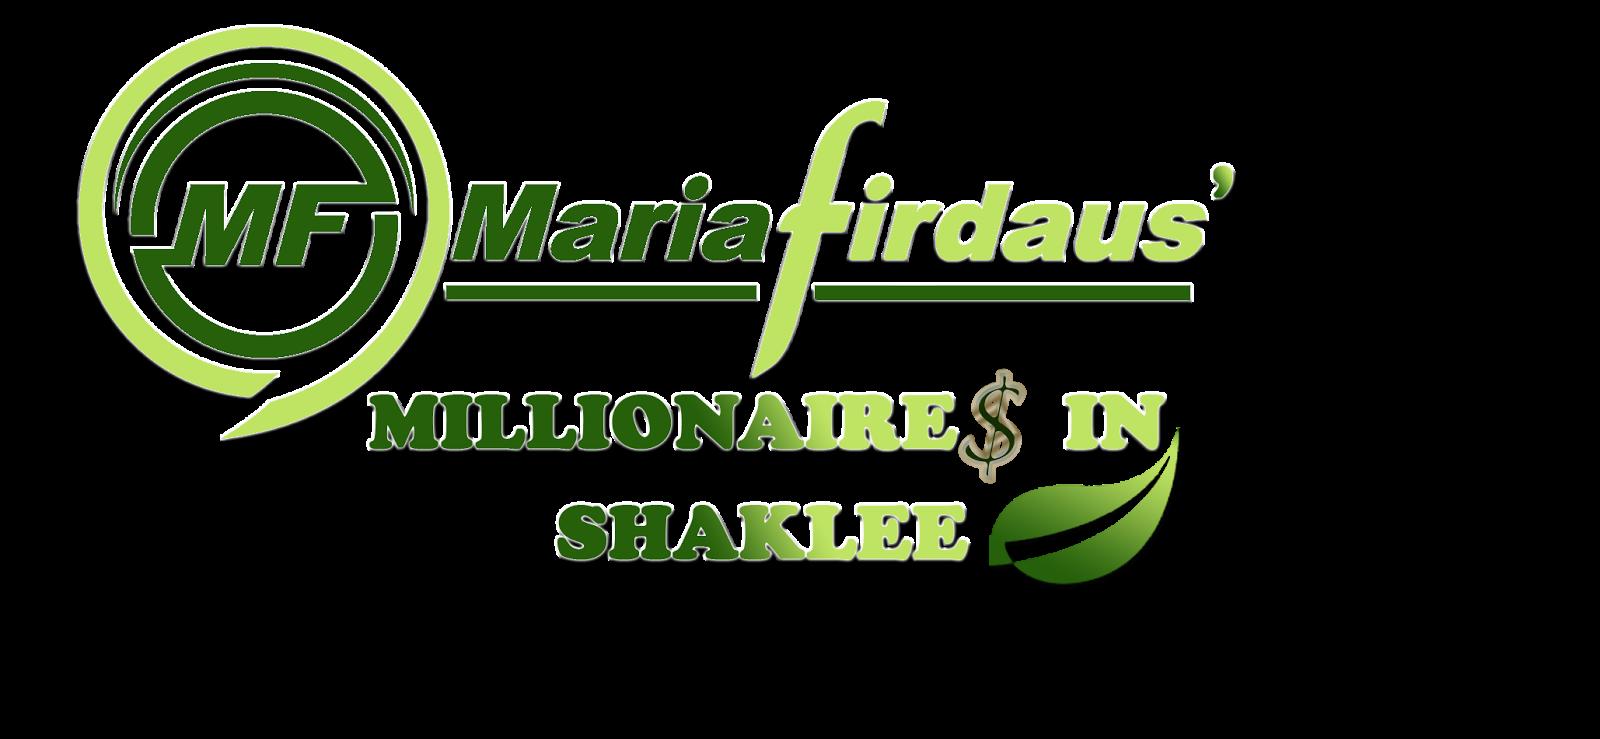 Maria Firdaus Millionaire in Shaklee